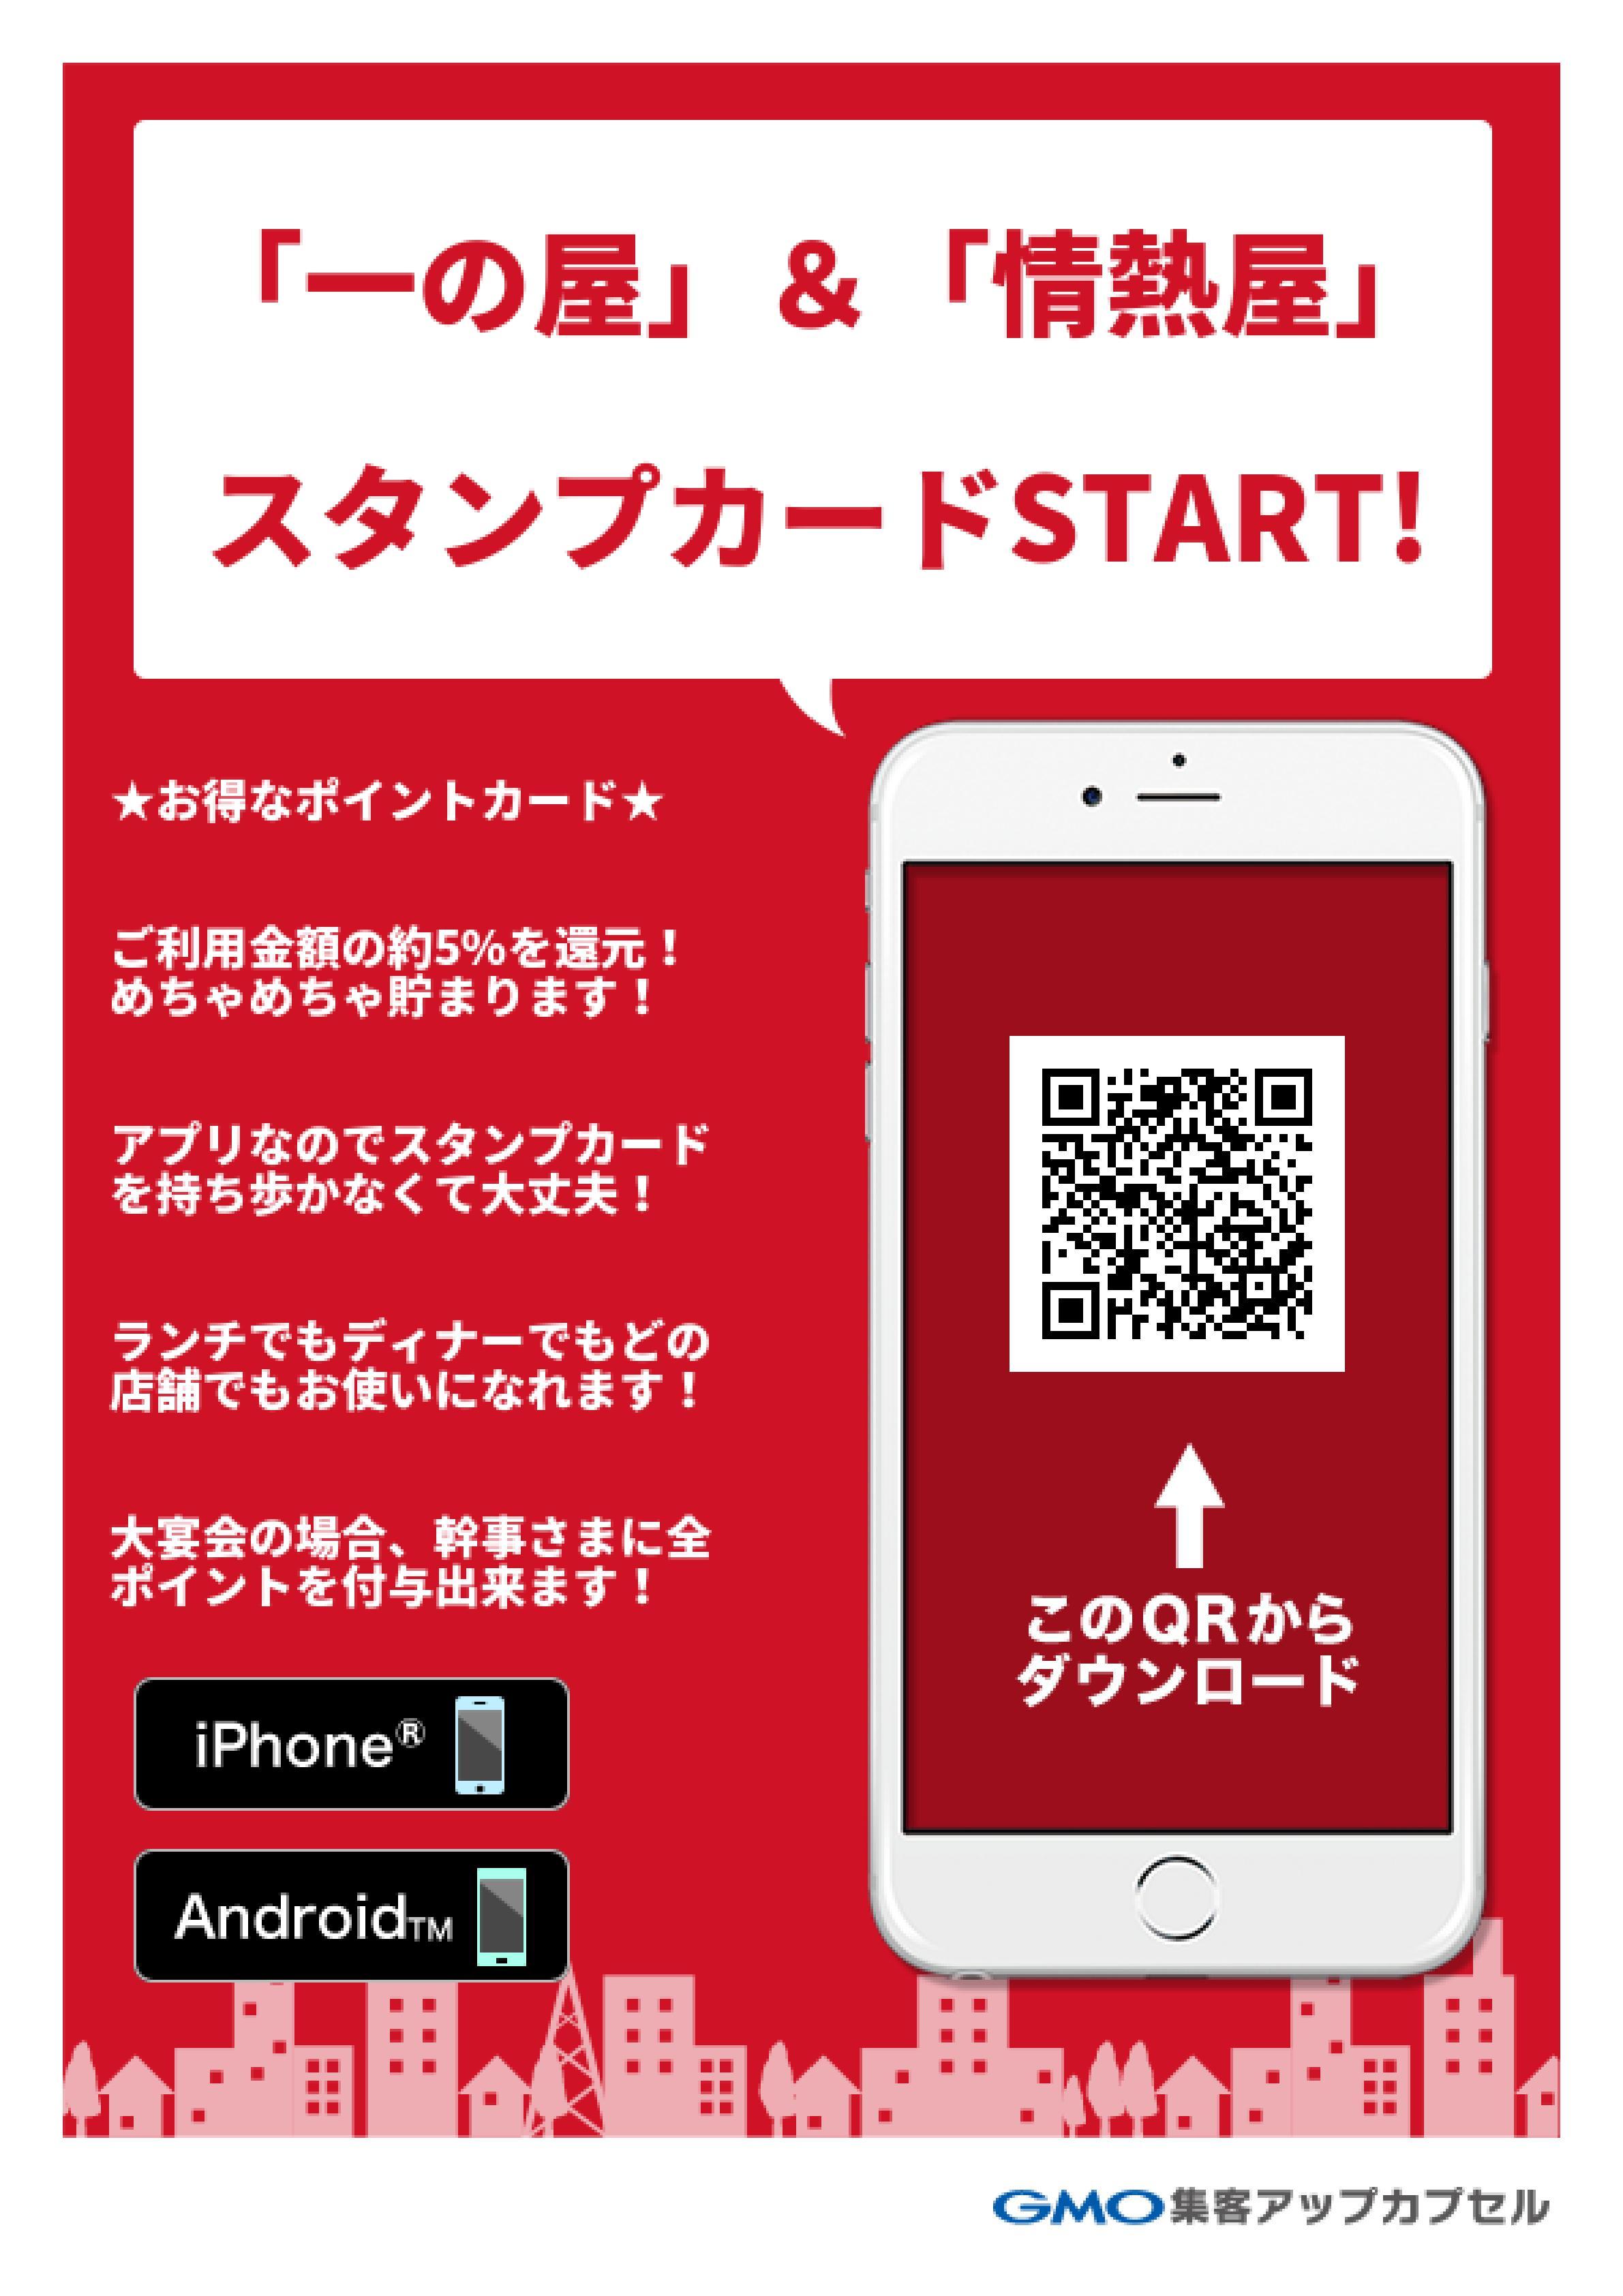 1)アプリダウンロードでお会計から【10%OFF!】